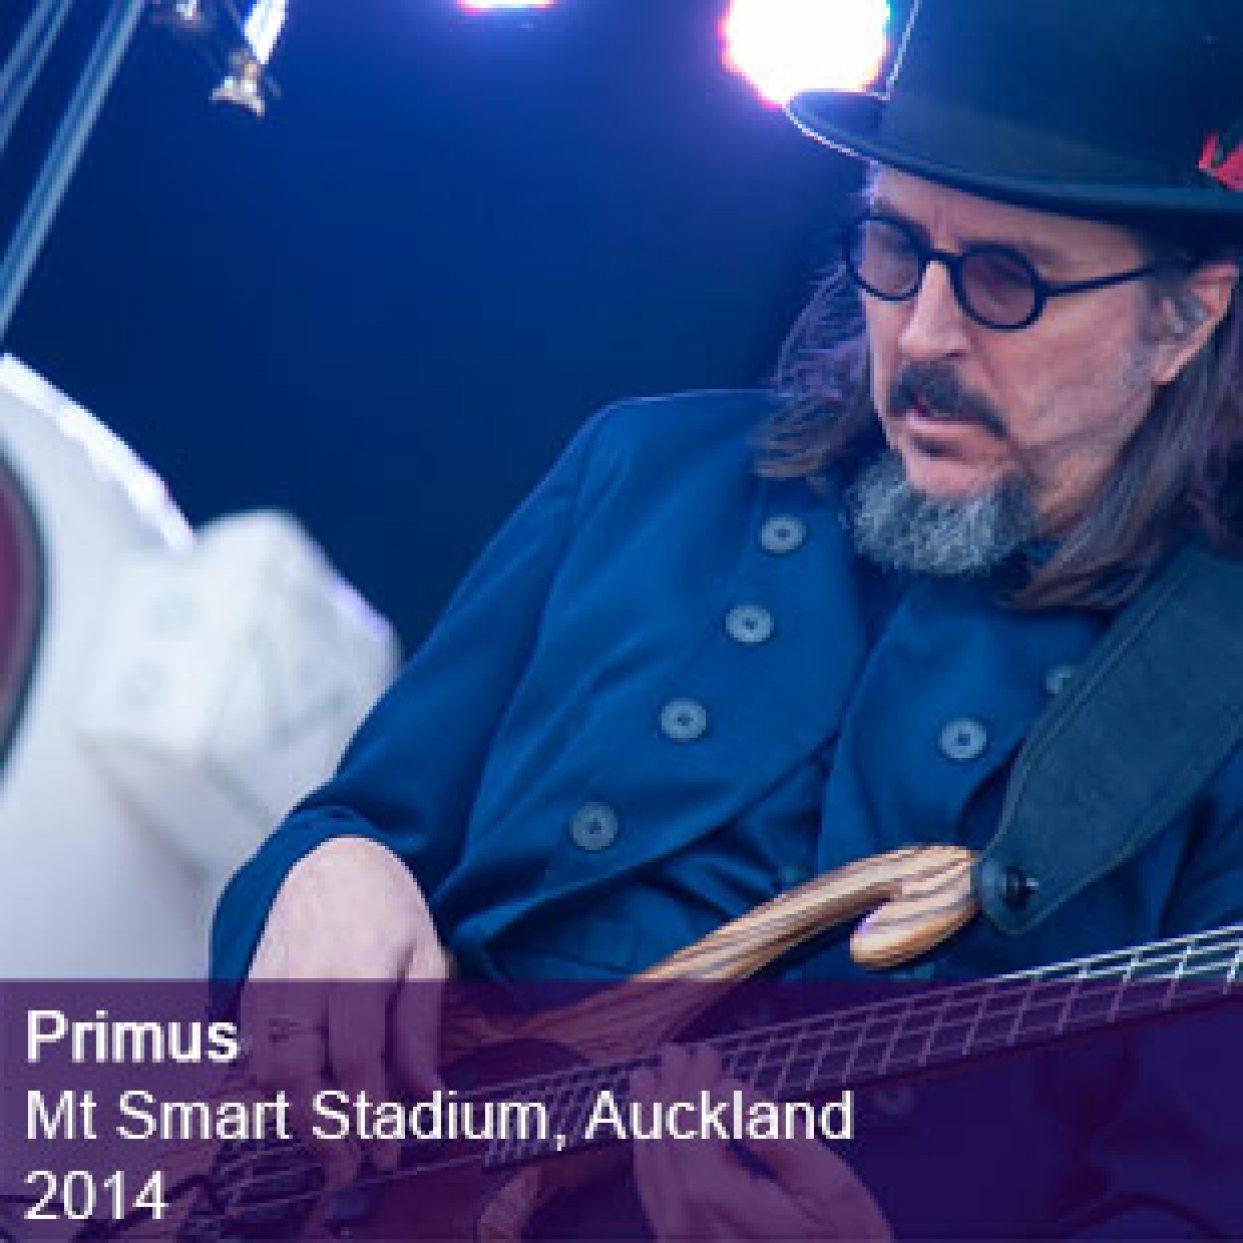 Primus Live